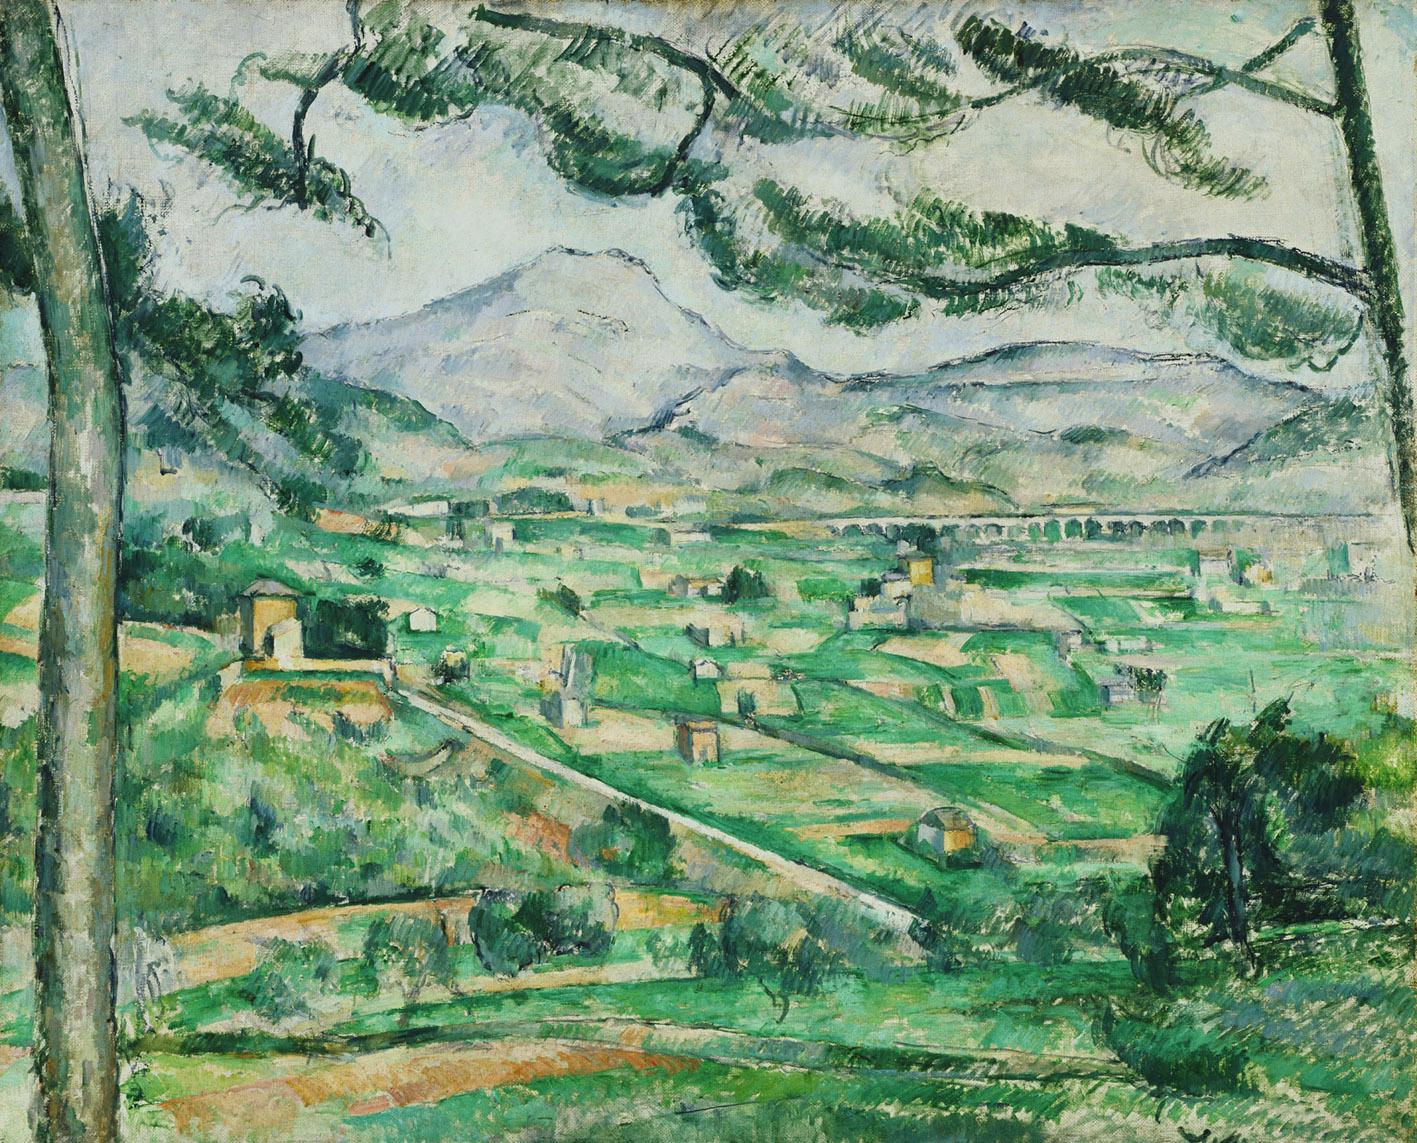 La montaña Saint Victoire, por Paul Cézanne, 1886-87, óleo sobre lienzo, 59,7 x 72,4 cm, The Phillips Collection, Washington, D.C., adquirido en 1925. Arriba, La habitación azul, por Pablo Picasso, 1901, óleo sobre lienzo, 50,5 x 61,6 cm, The Phillips Collection, Washington, D.C., adquirido en 1927.